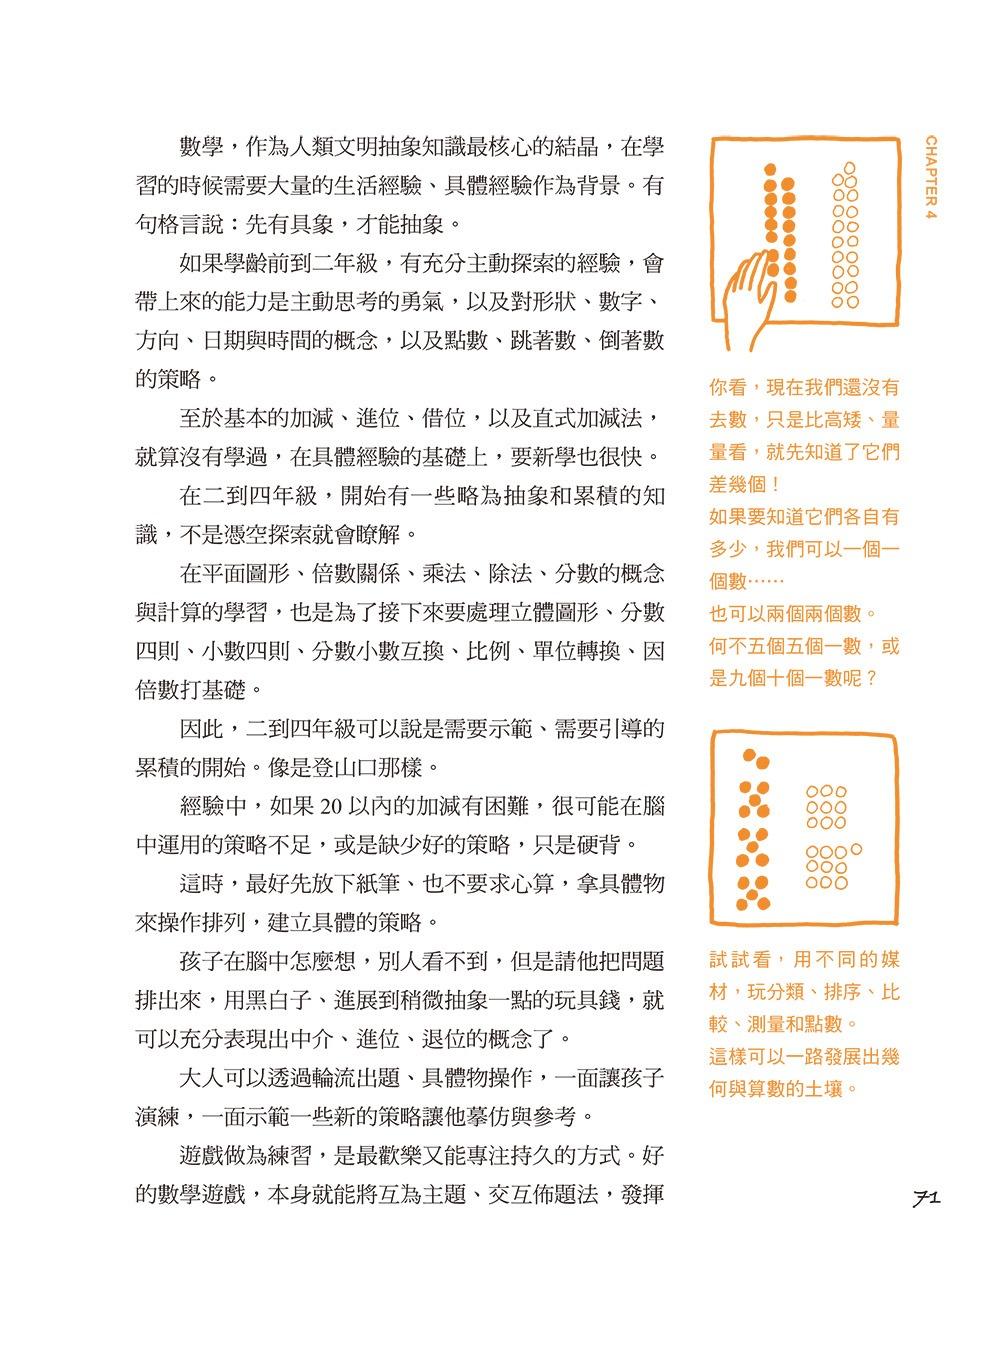 http://im1.book.com.tw/image/getImage?i=http://www.books.com.tw/img/001/068/72/0010687205_b_06.jpg&v=55ffea4a&w=655&h=609